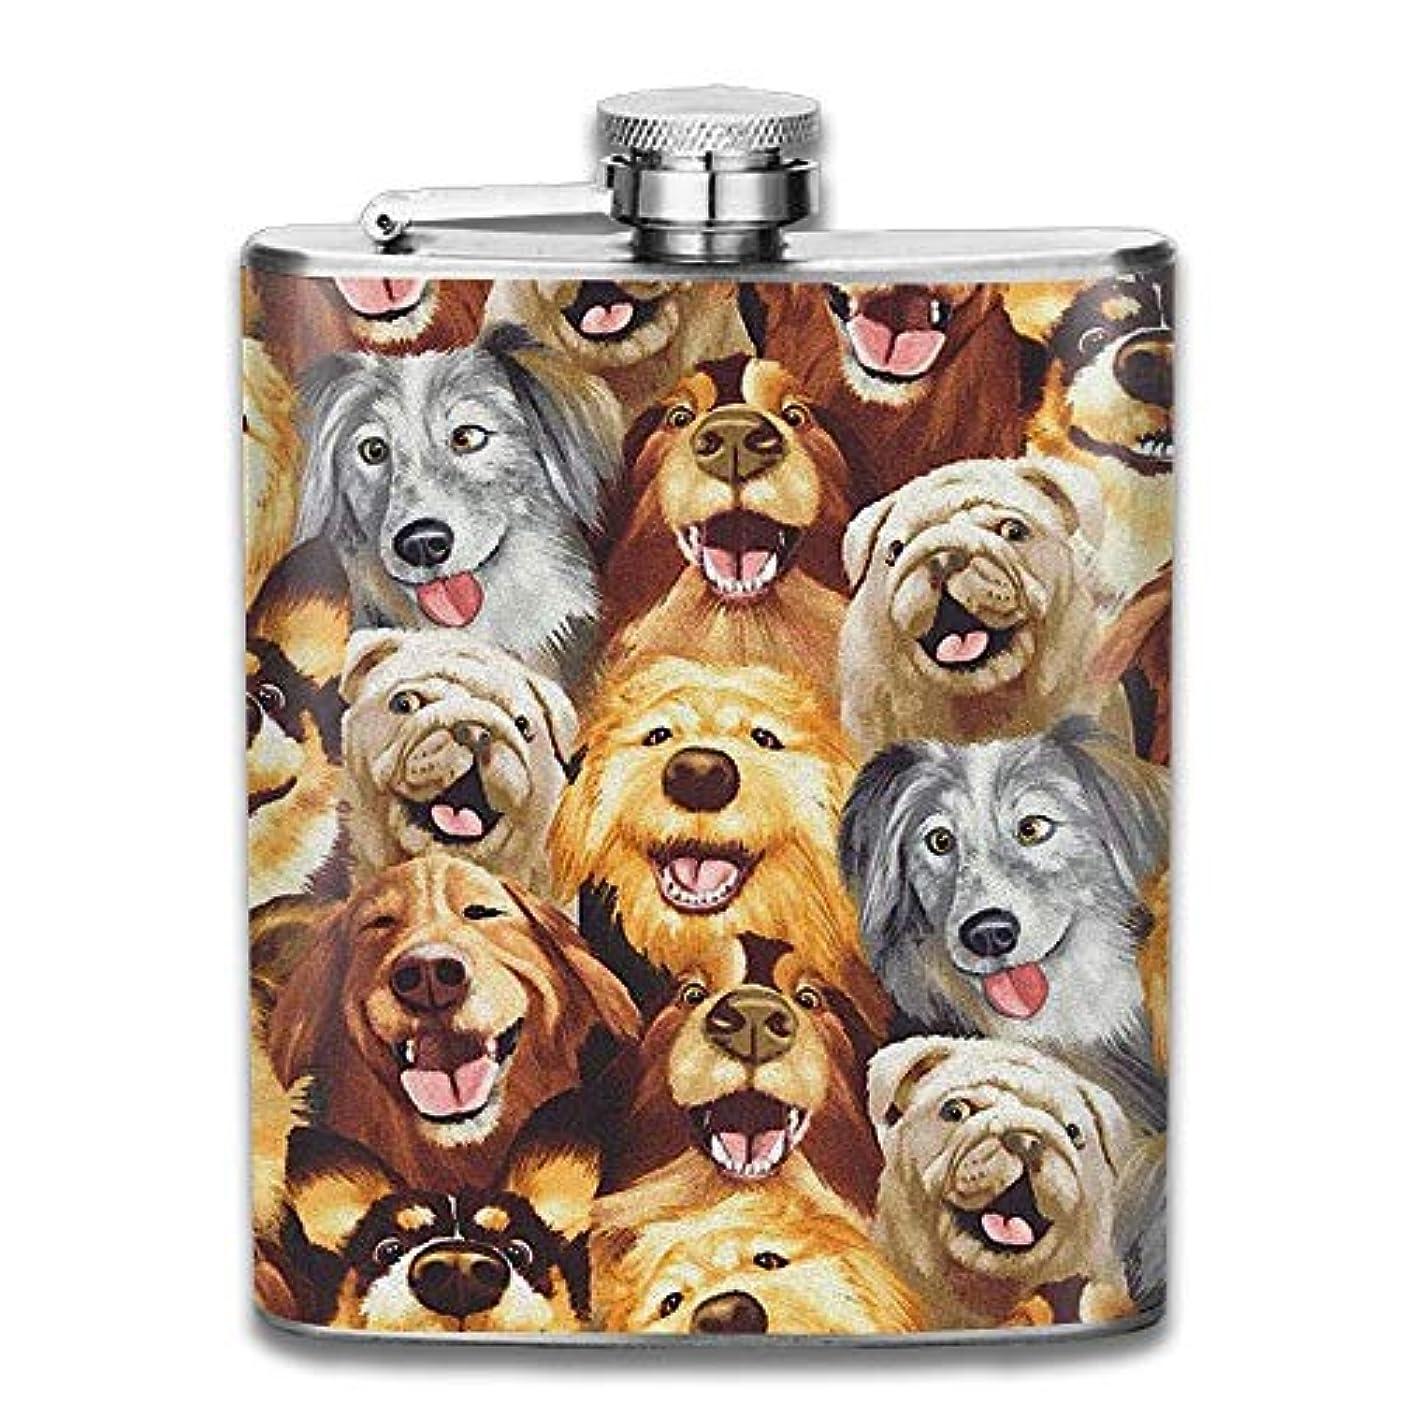 の間で食べる征服犬 ペット フラスコ スキットル ヒップフラスコ 7オンス 206ml 高品質ステンレス製 ウイスキー アルコール 清酒 携帯 ボトル